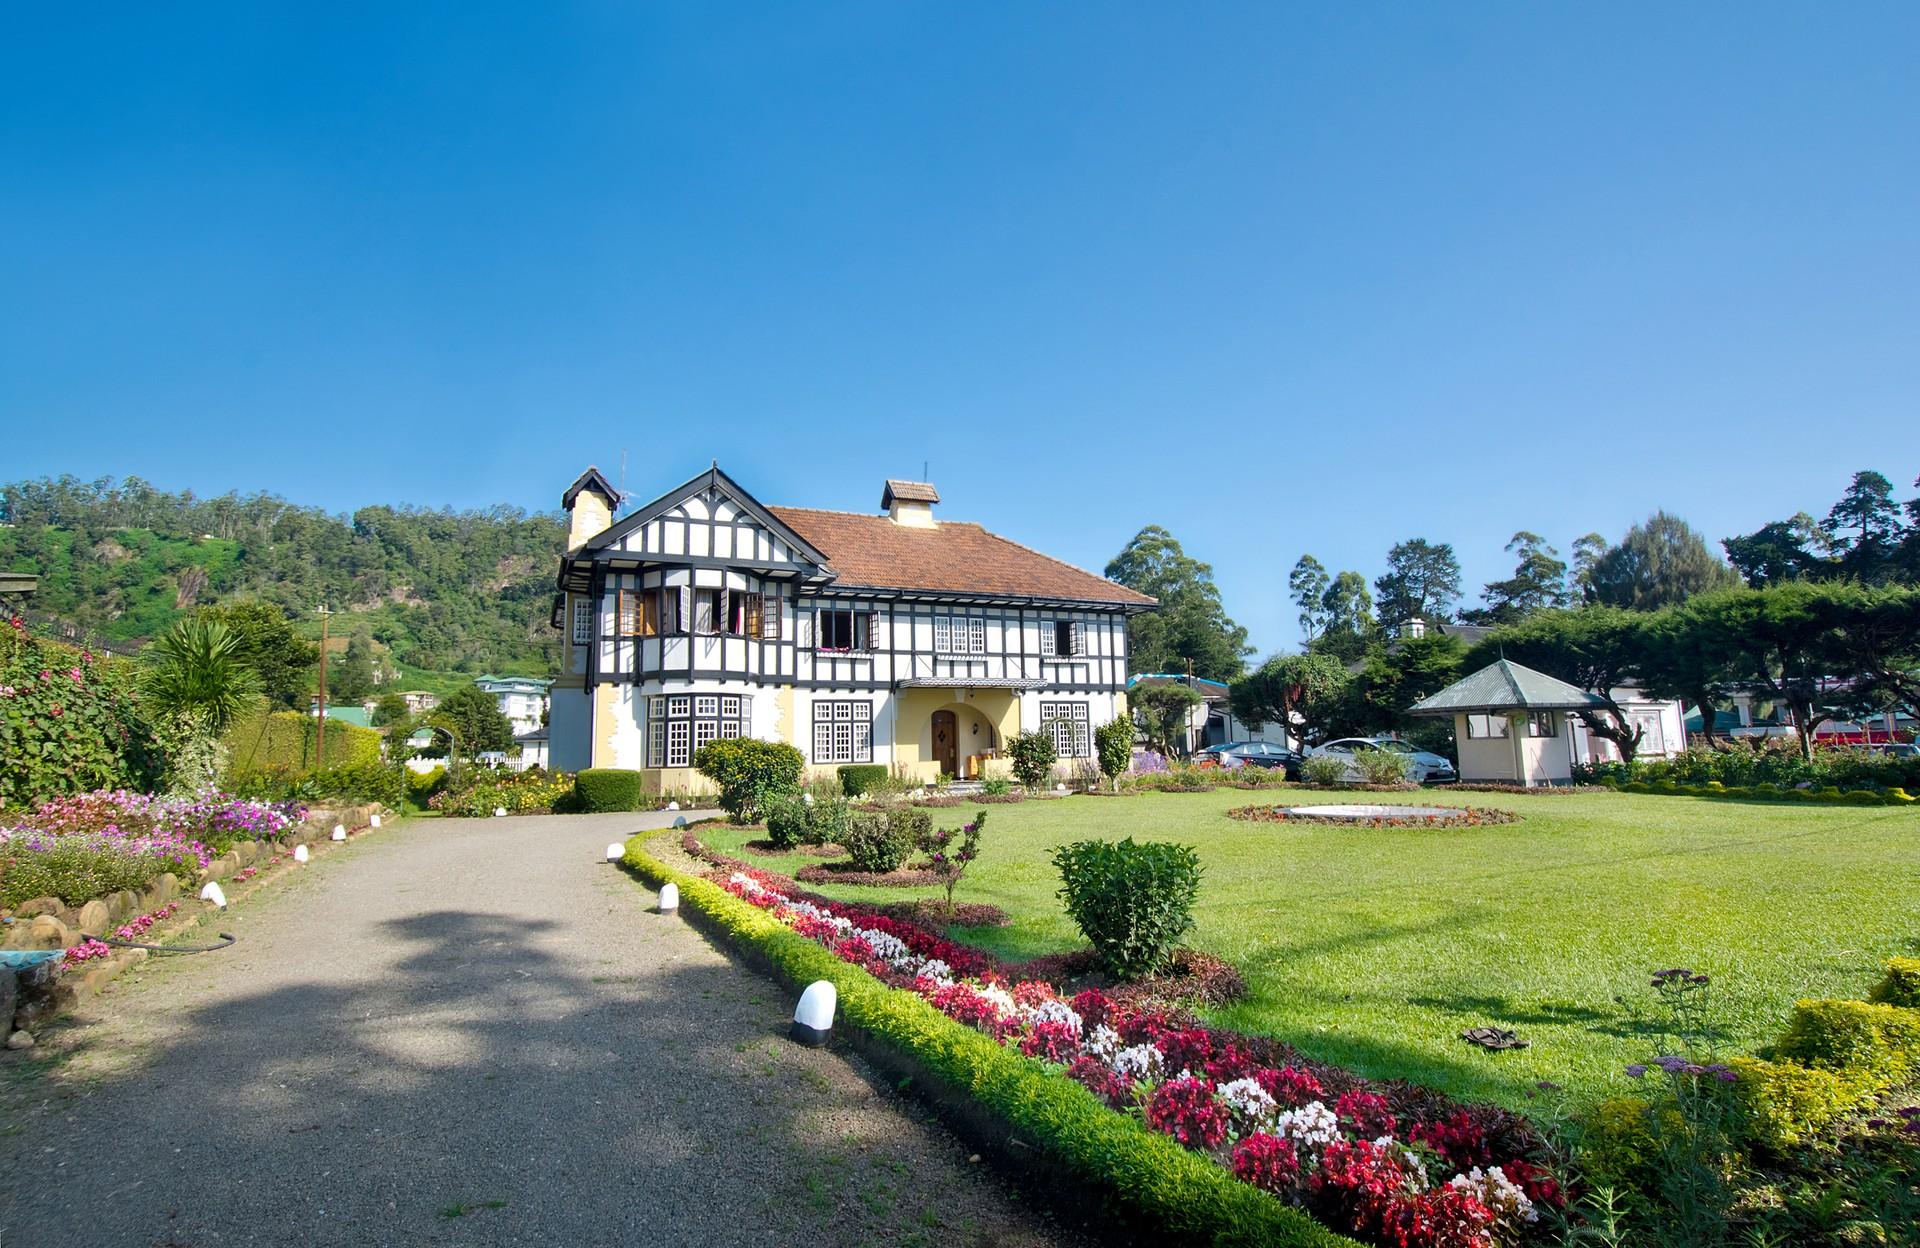 Mock tudor house in Sri Lanka